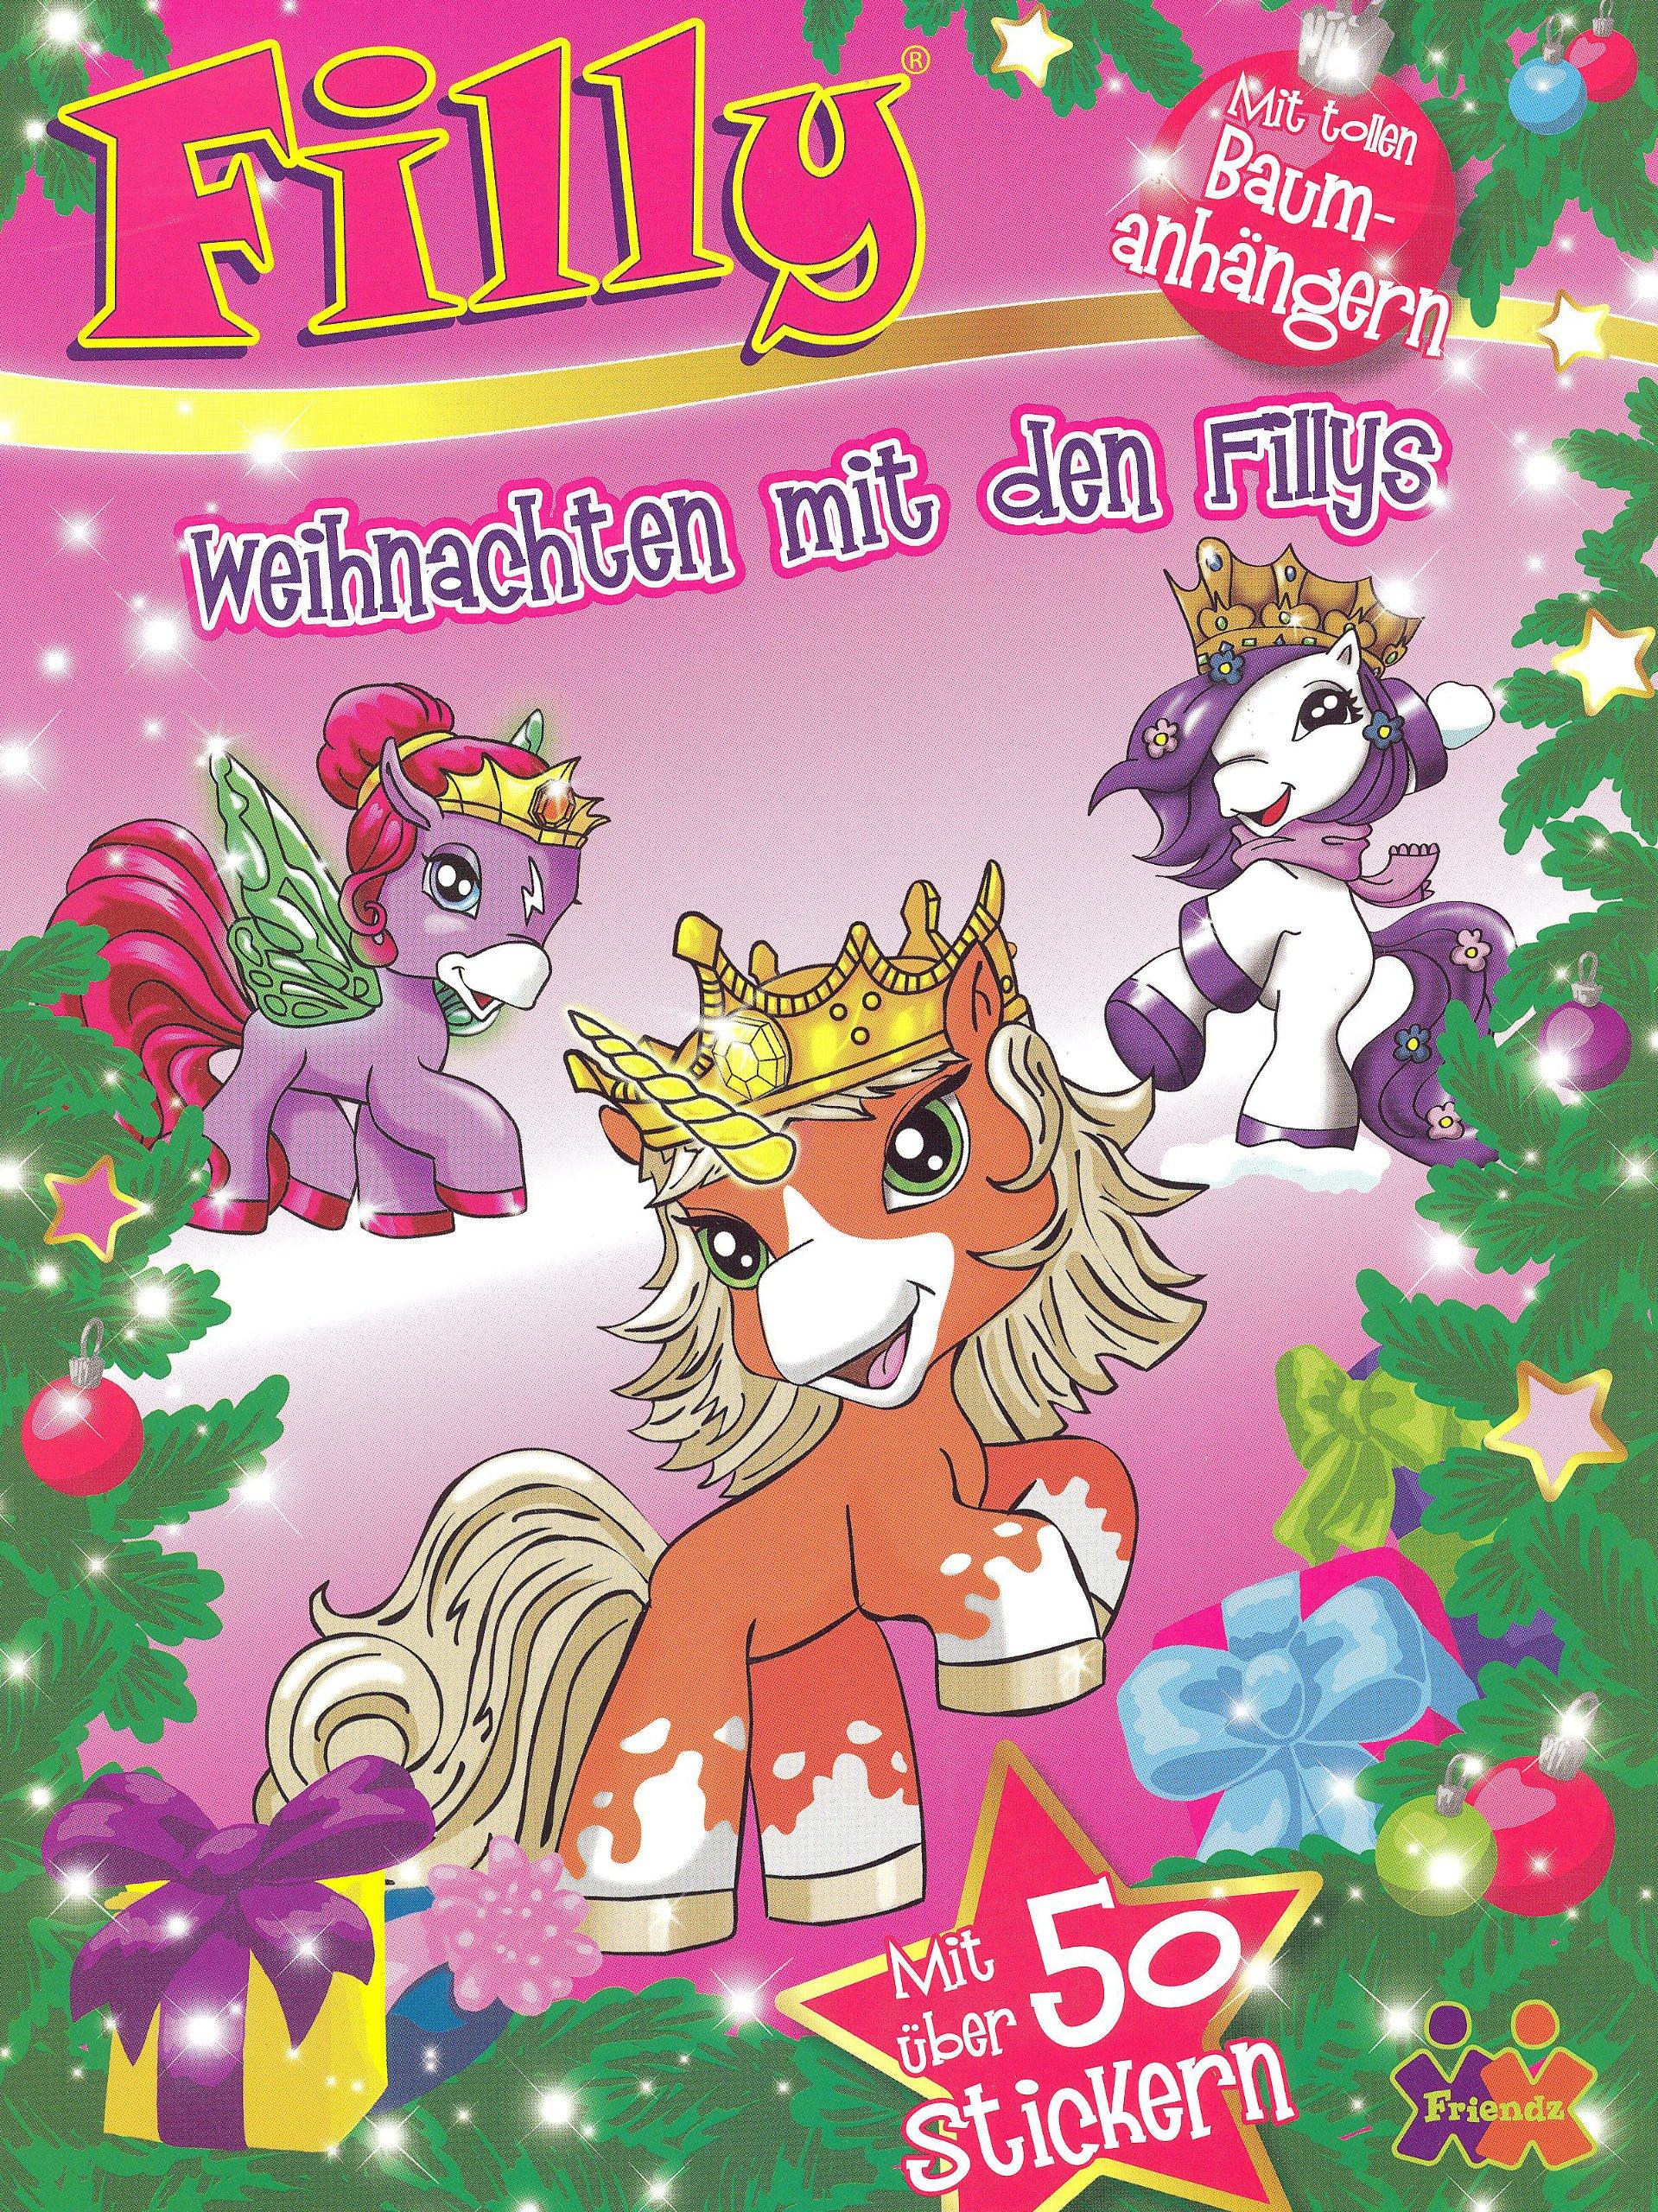 Filly: Weihnachten mit den Fillys